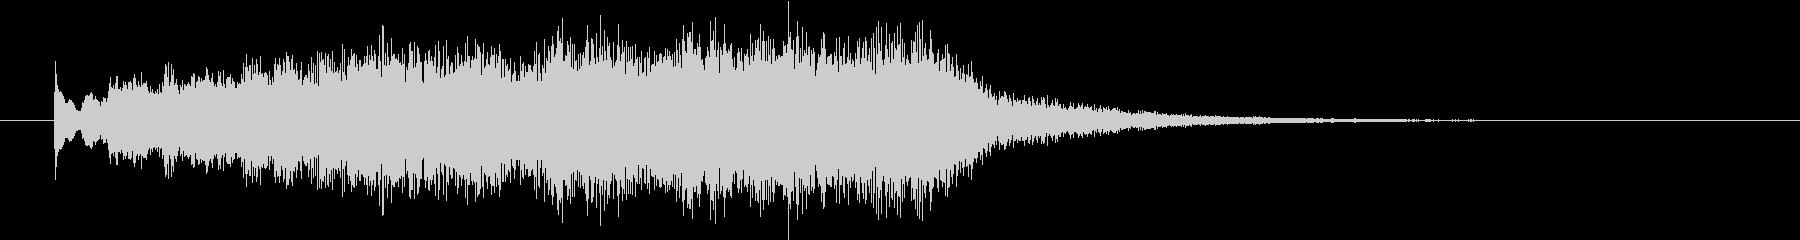 ジングル(ファンタジー2)の未再生の波形